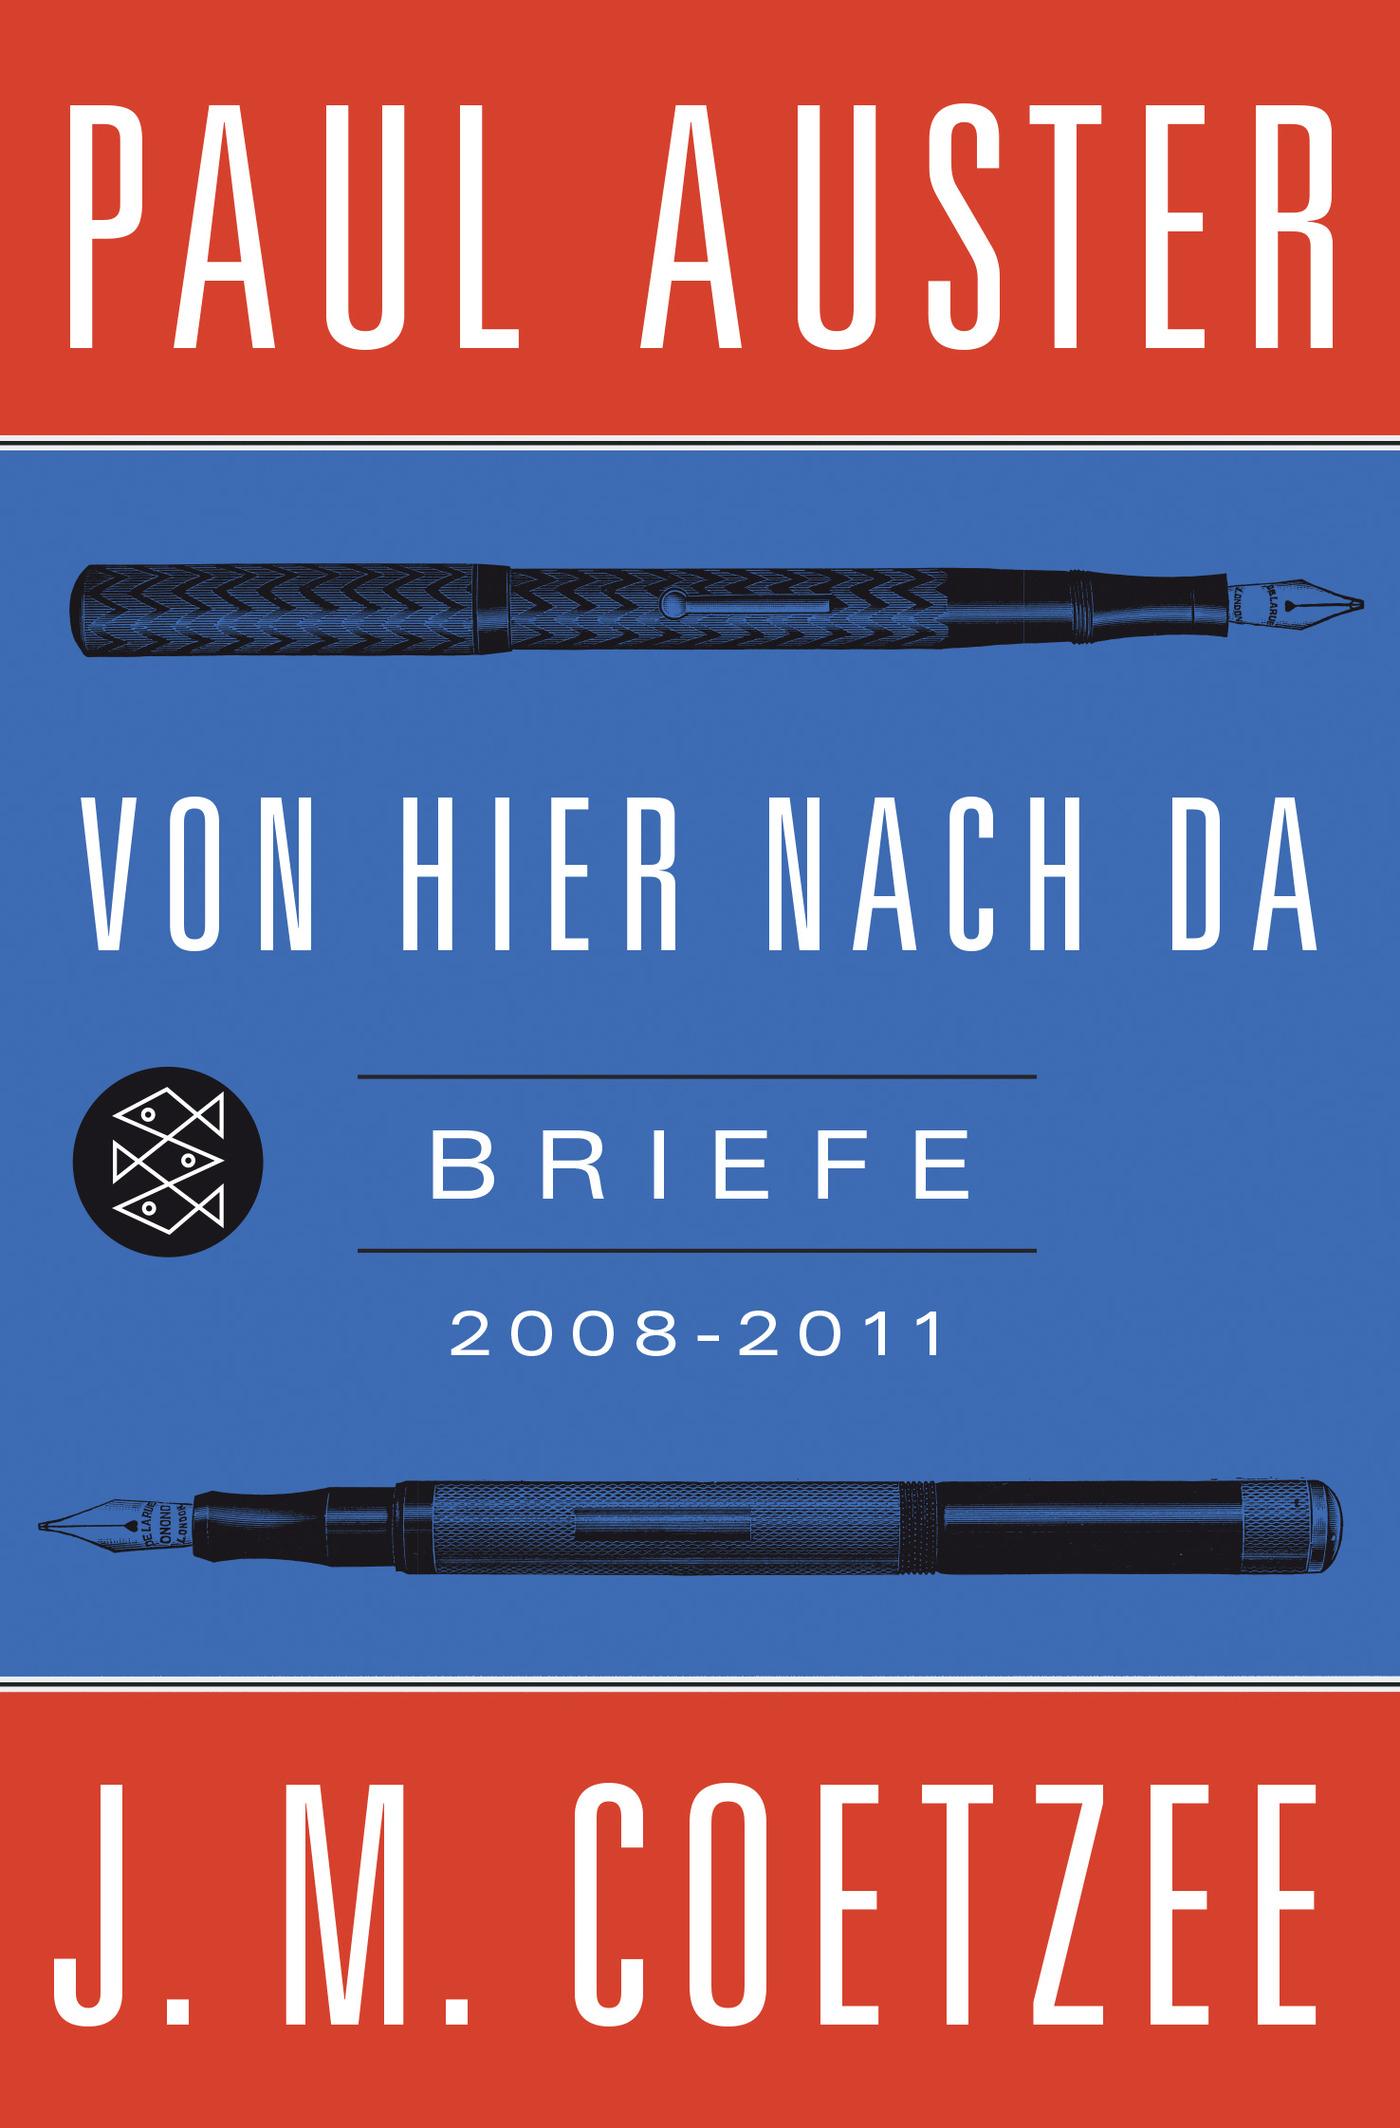 Von hier nach da / Briefe 2008-2011: Auster Paul, Coetzee